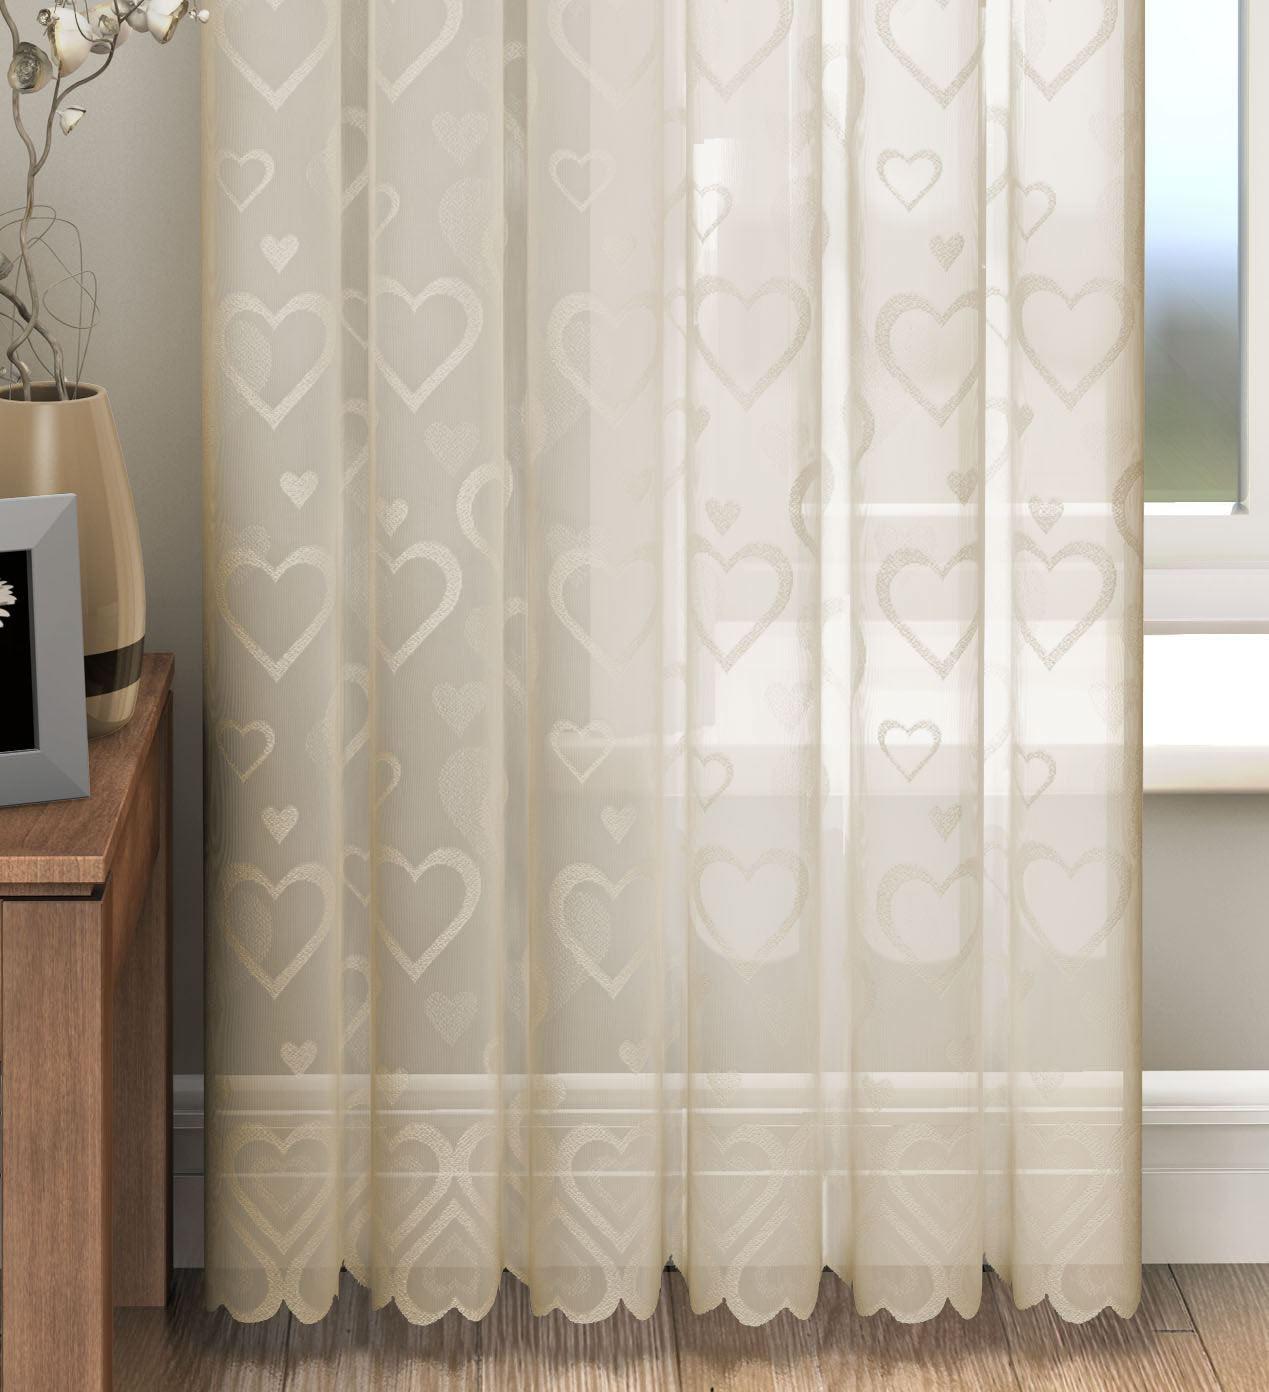 panneau de rideau coeur d 39 amour rideaux de voile dentelle cr me rose blanc ebay. Black Bedroom Furniture Sets. Home Design Ideas